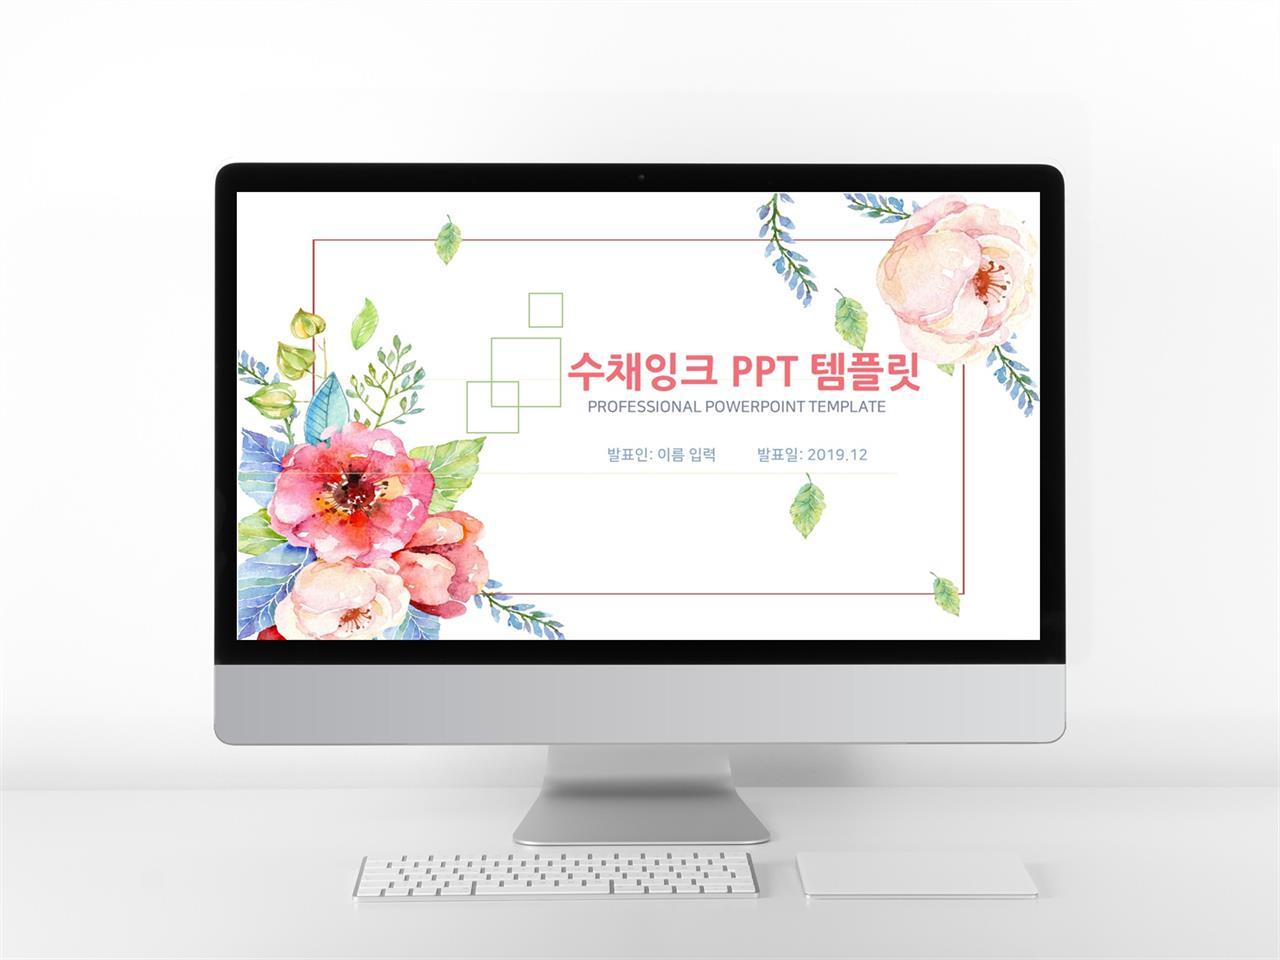 화초, 동식물 분홍색 물감느낌 다양한 주제에 어울리는 POWERPOINT탬플릿 디자인 미리보기